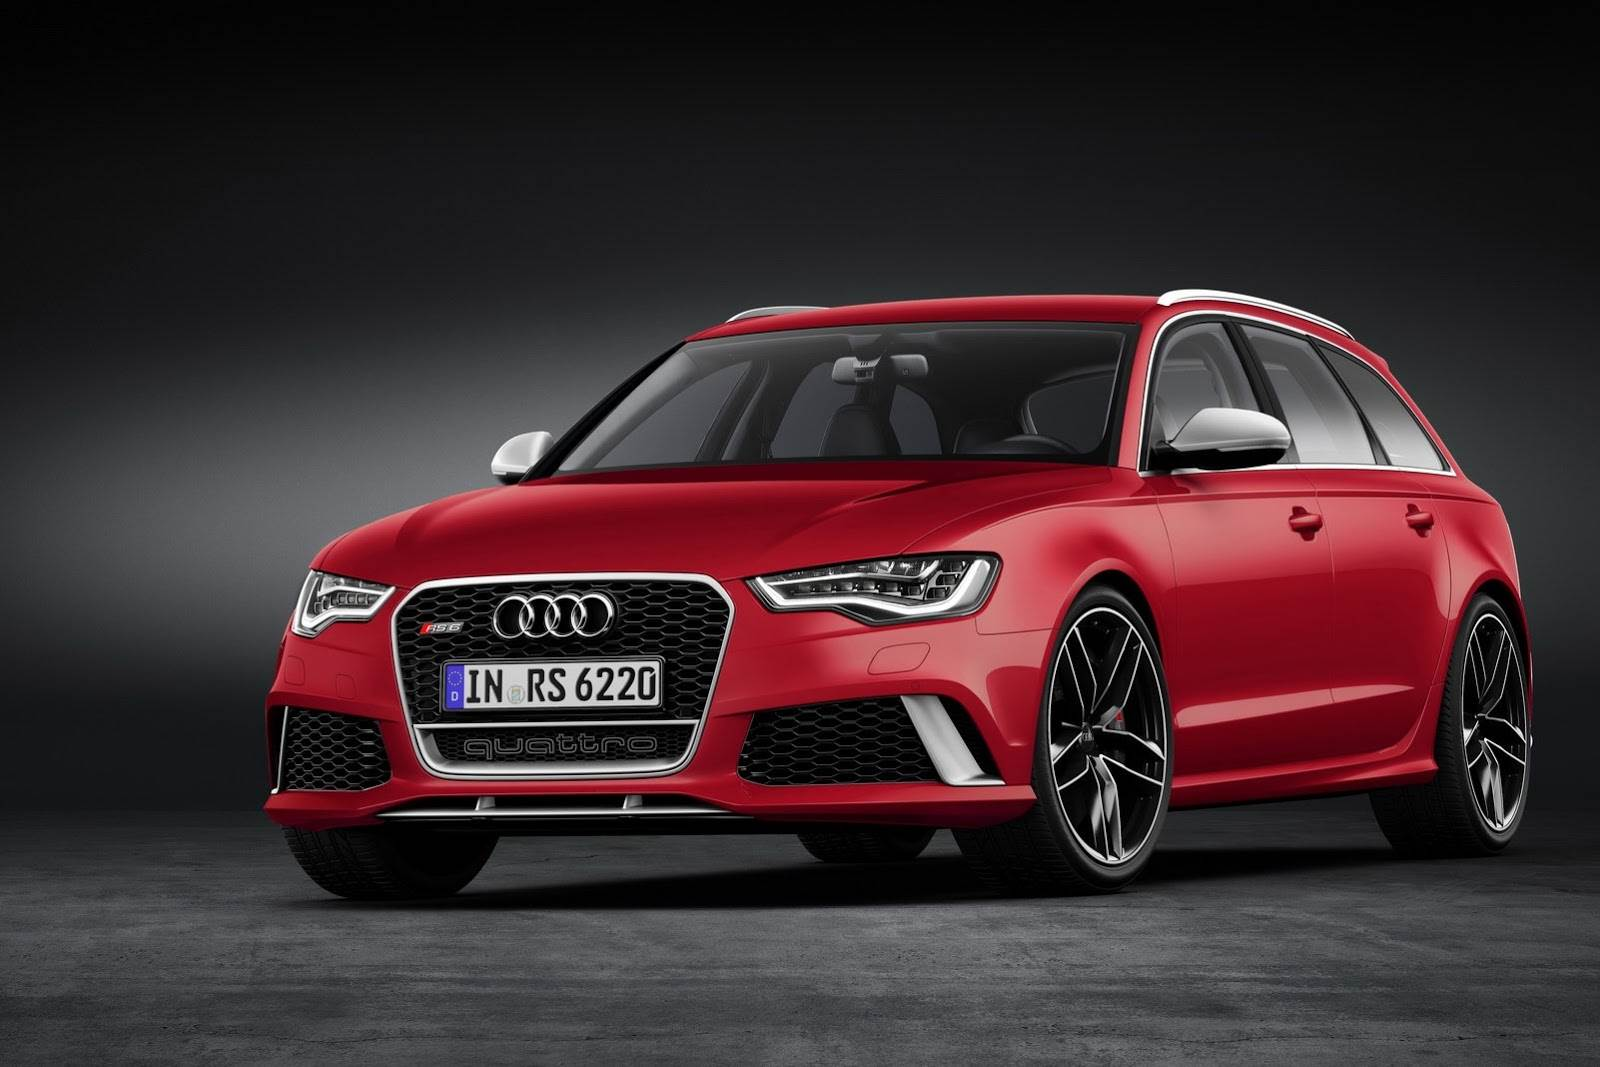 New Audi RS6